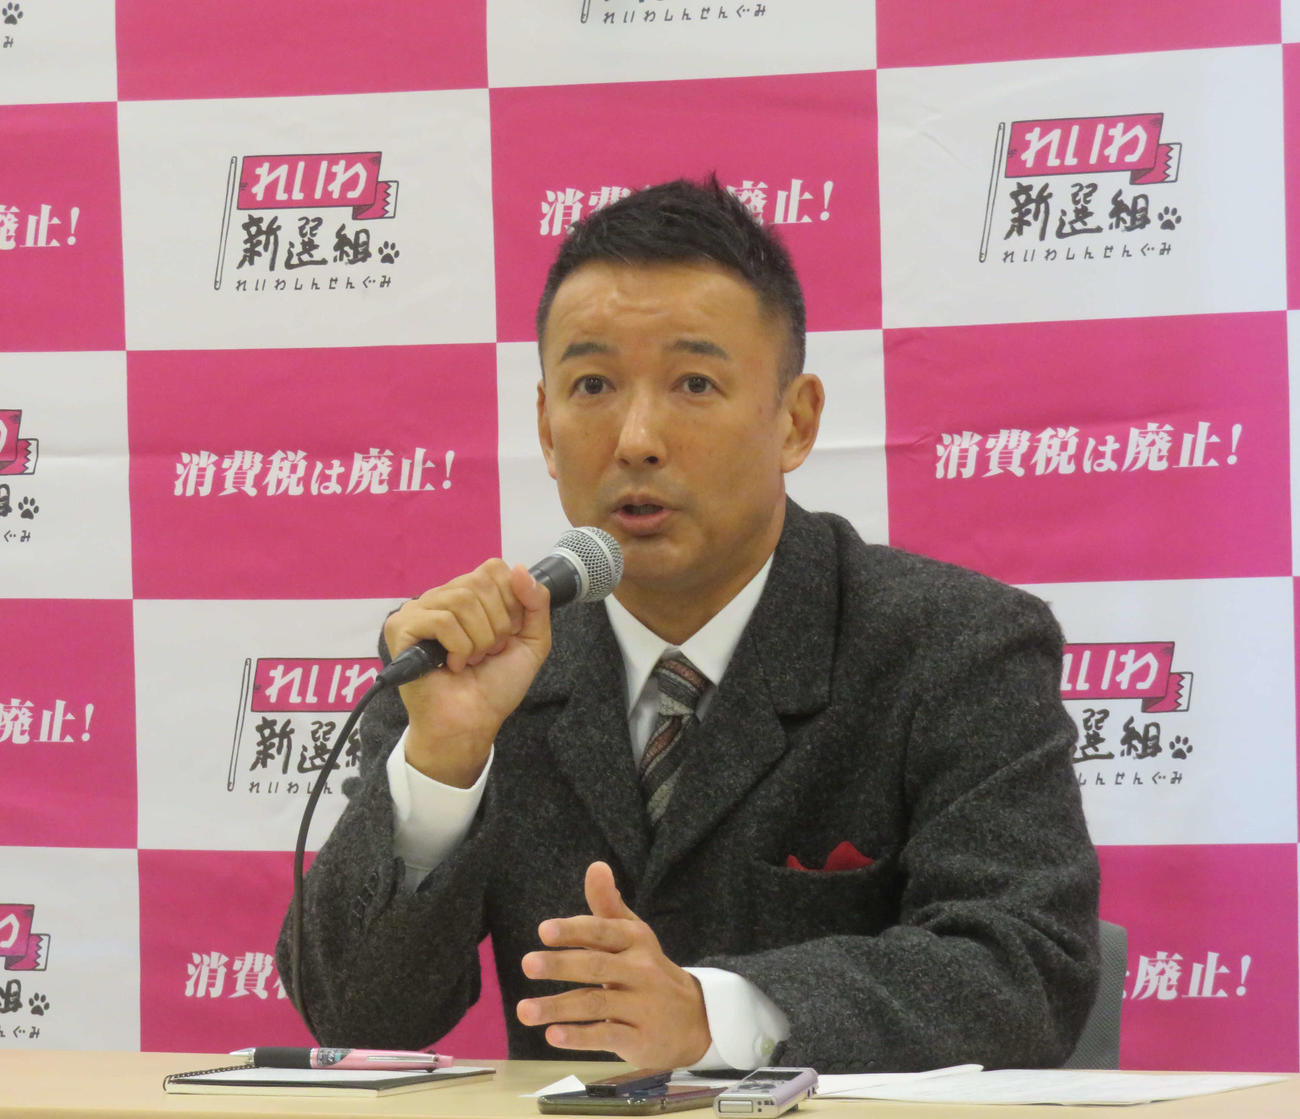 れいわ新選組の山本太郎代表(2021年1月18日撮影)